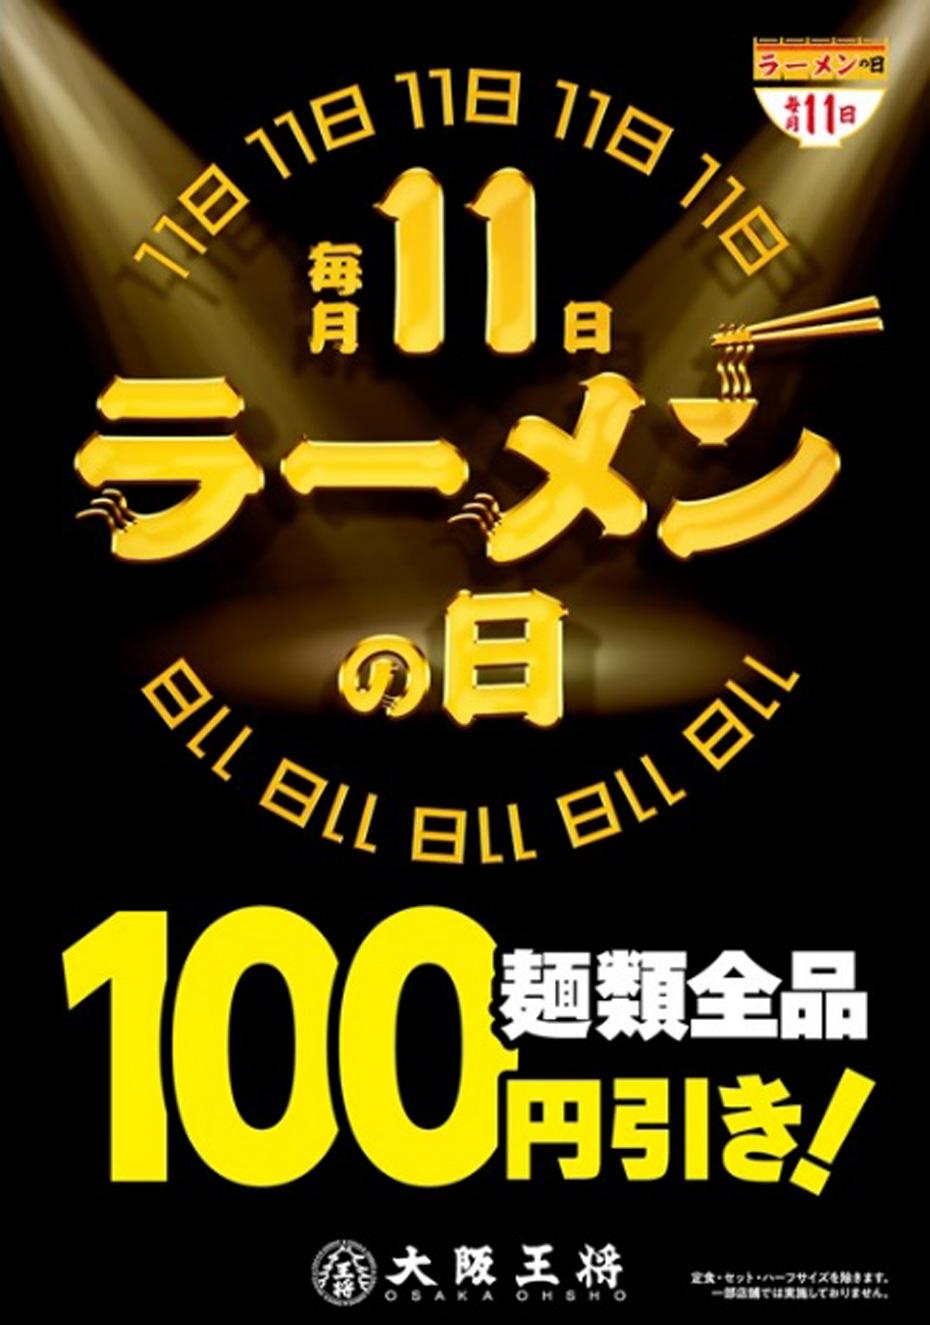 大阪王将で麺類が全品100円引き。毎月11日はラーメンの日。